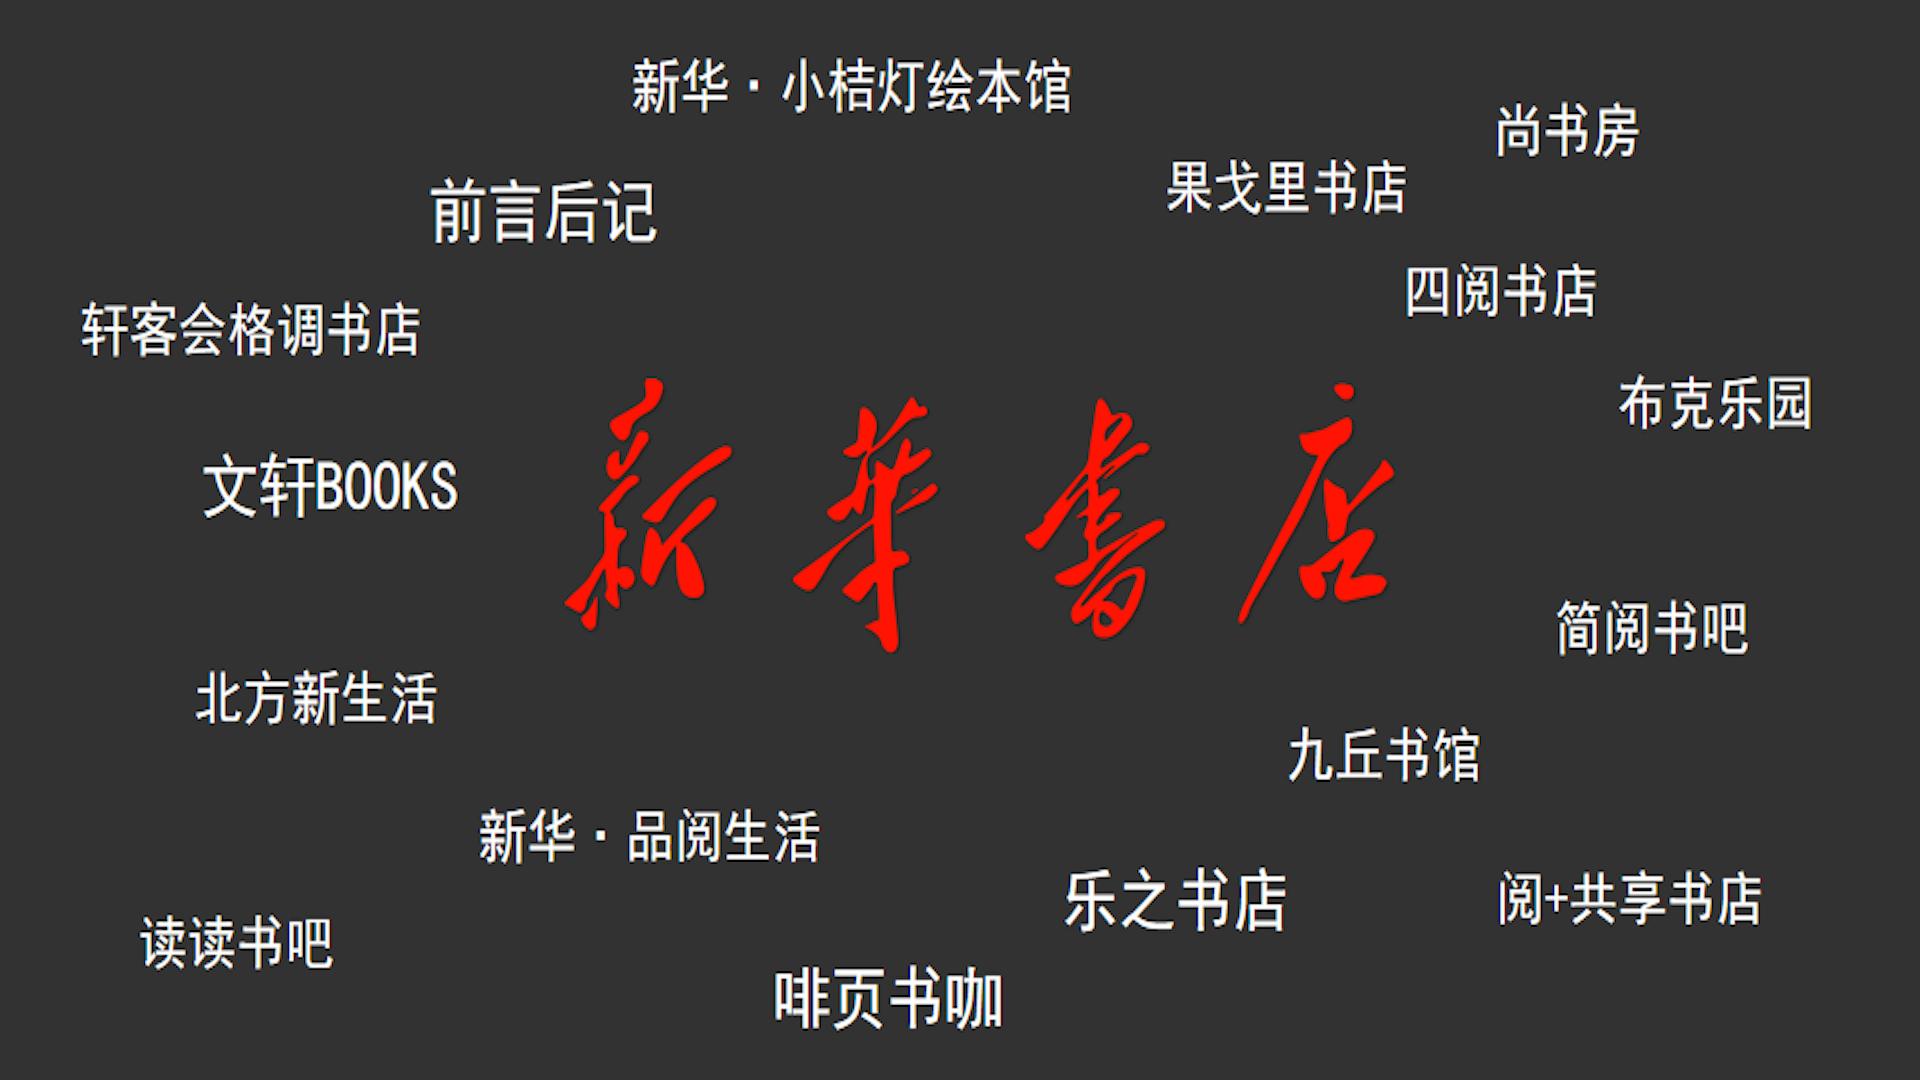 于慧丰:新华书店子品牌的建设与运营